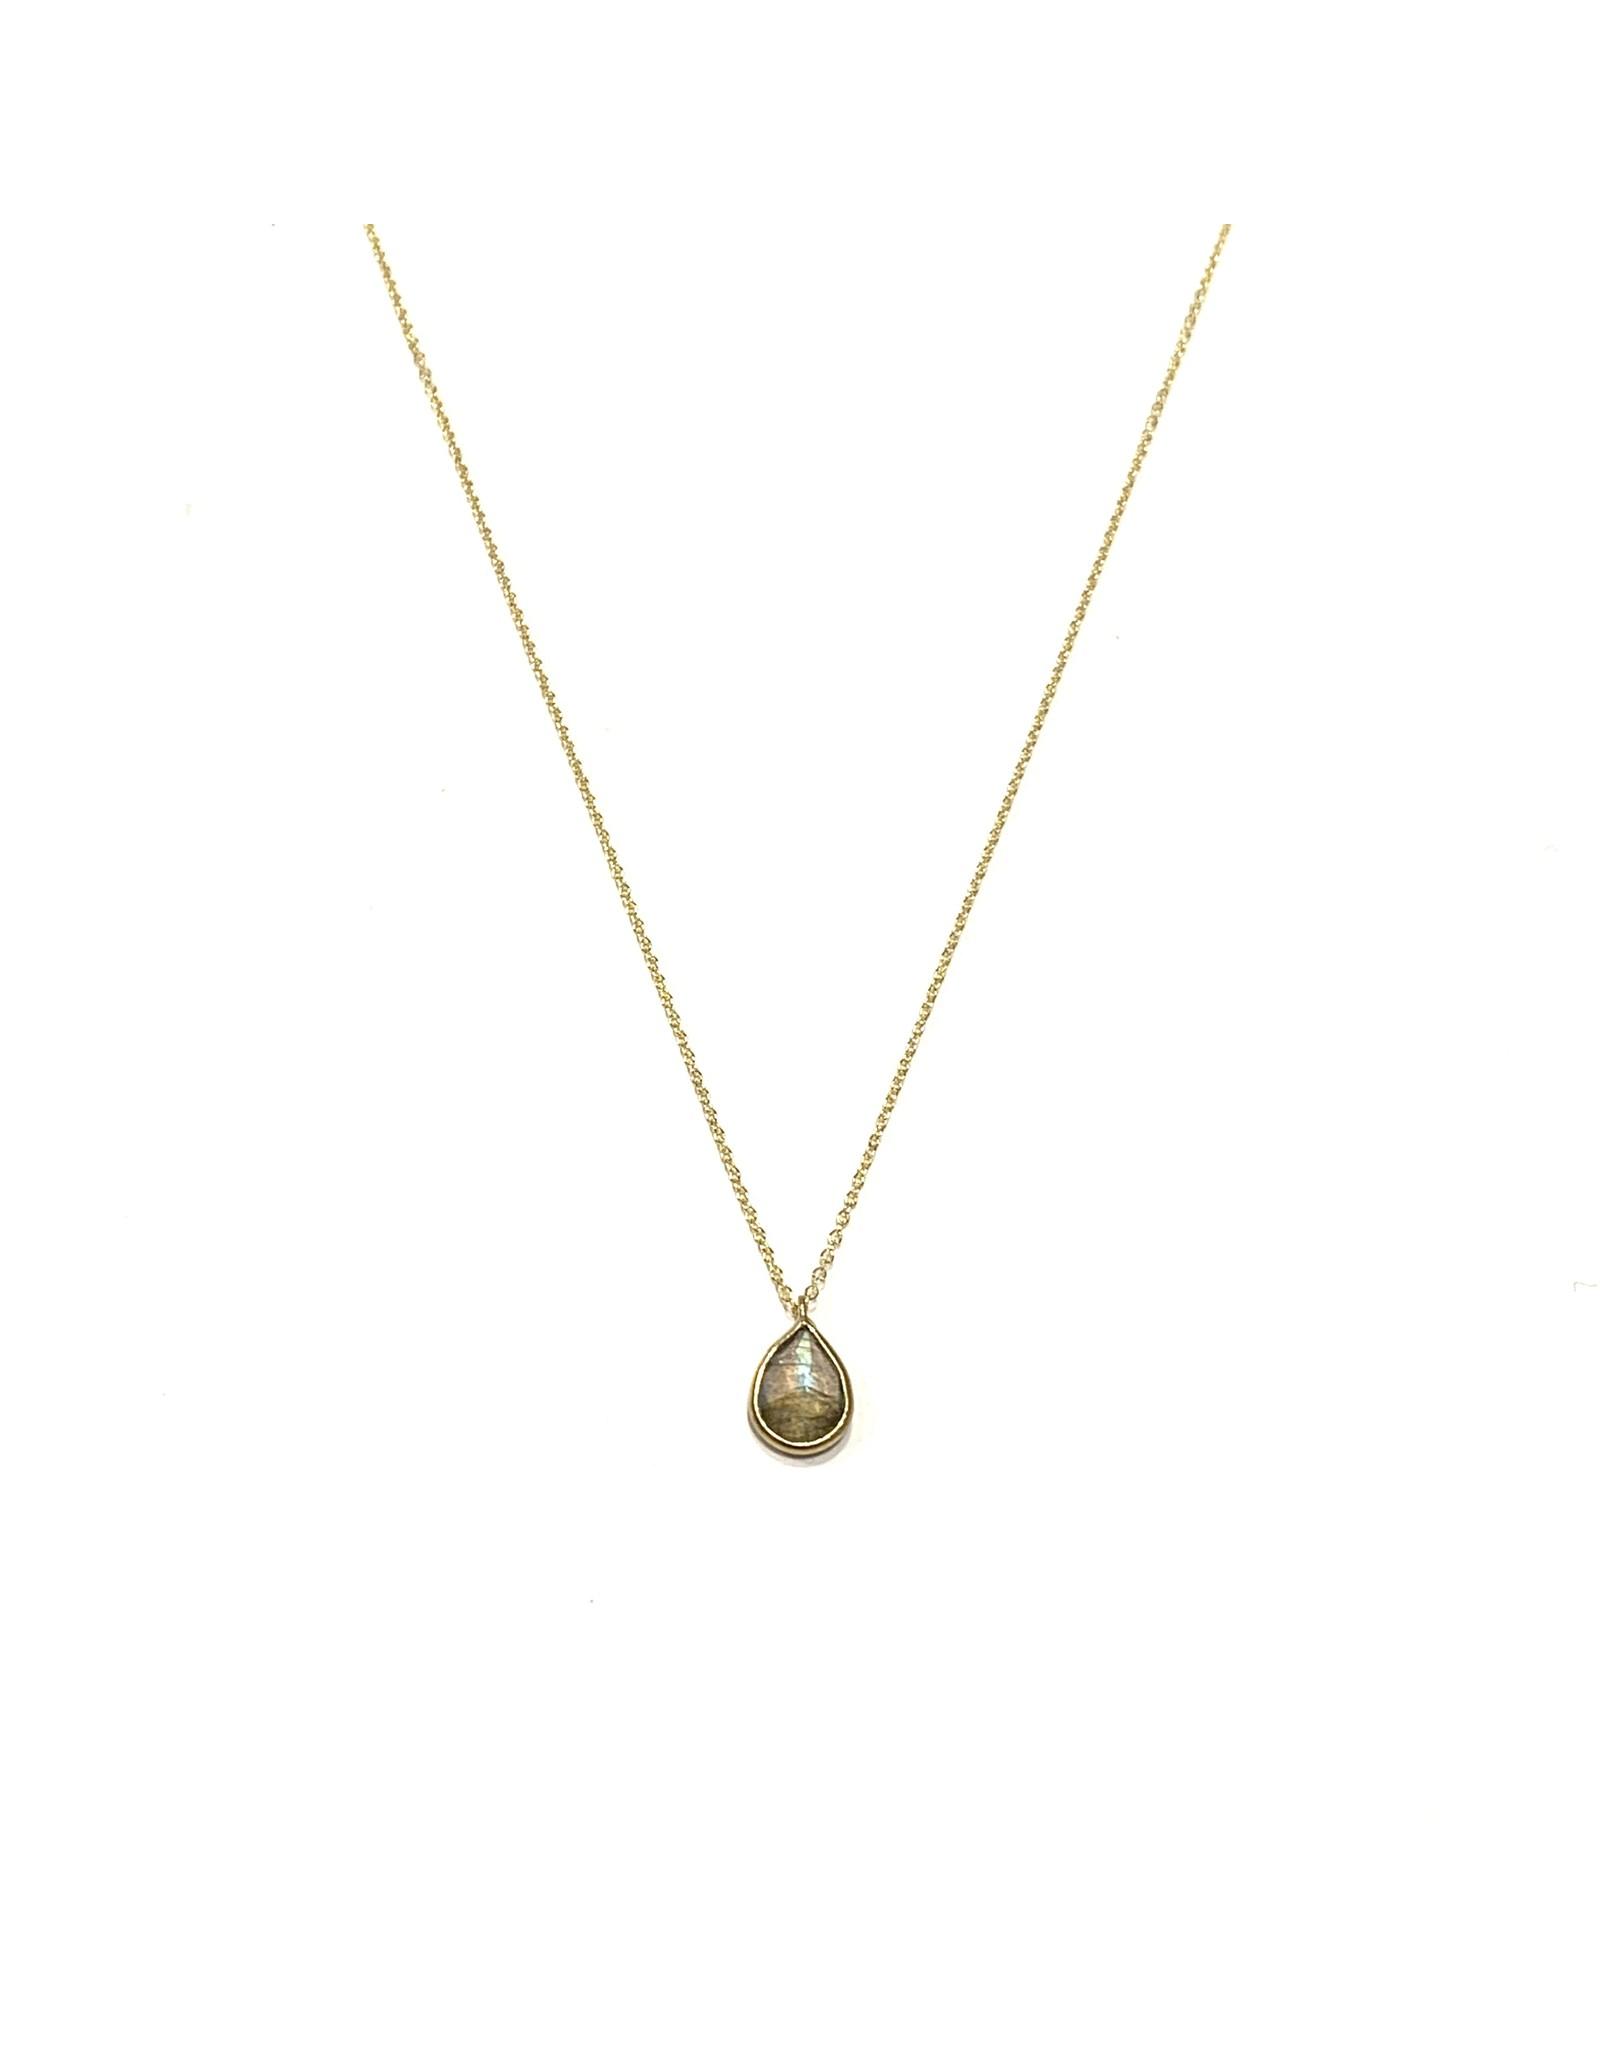 Bo Gold Necklace - Gold - Labradorite